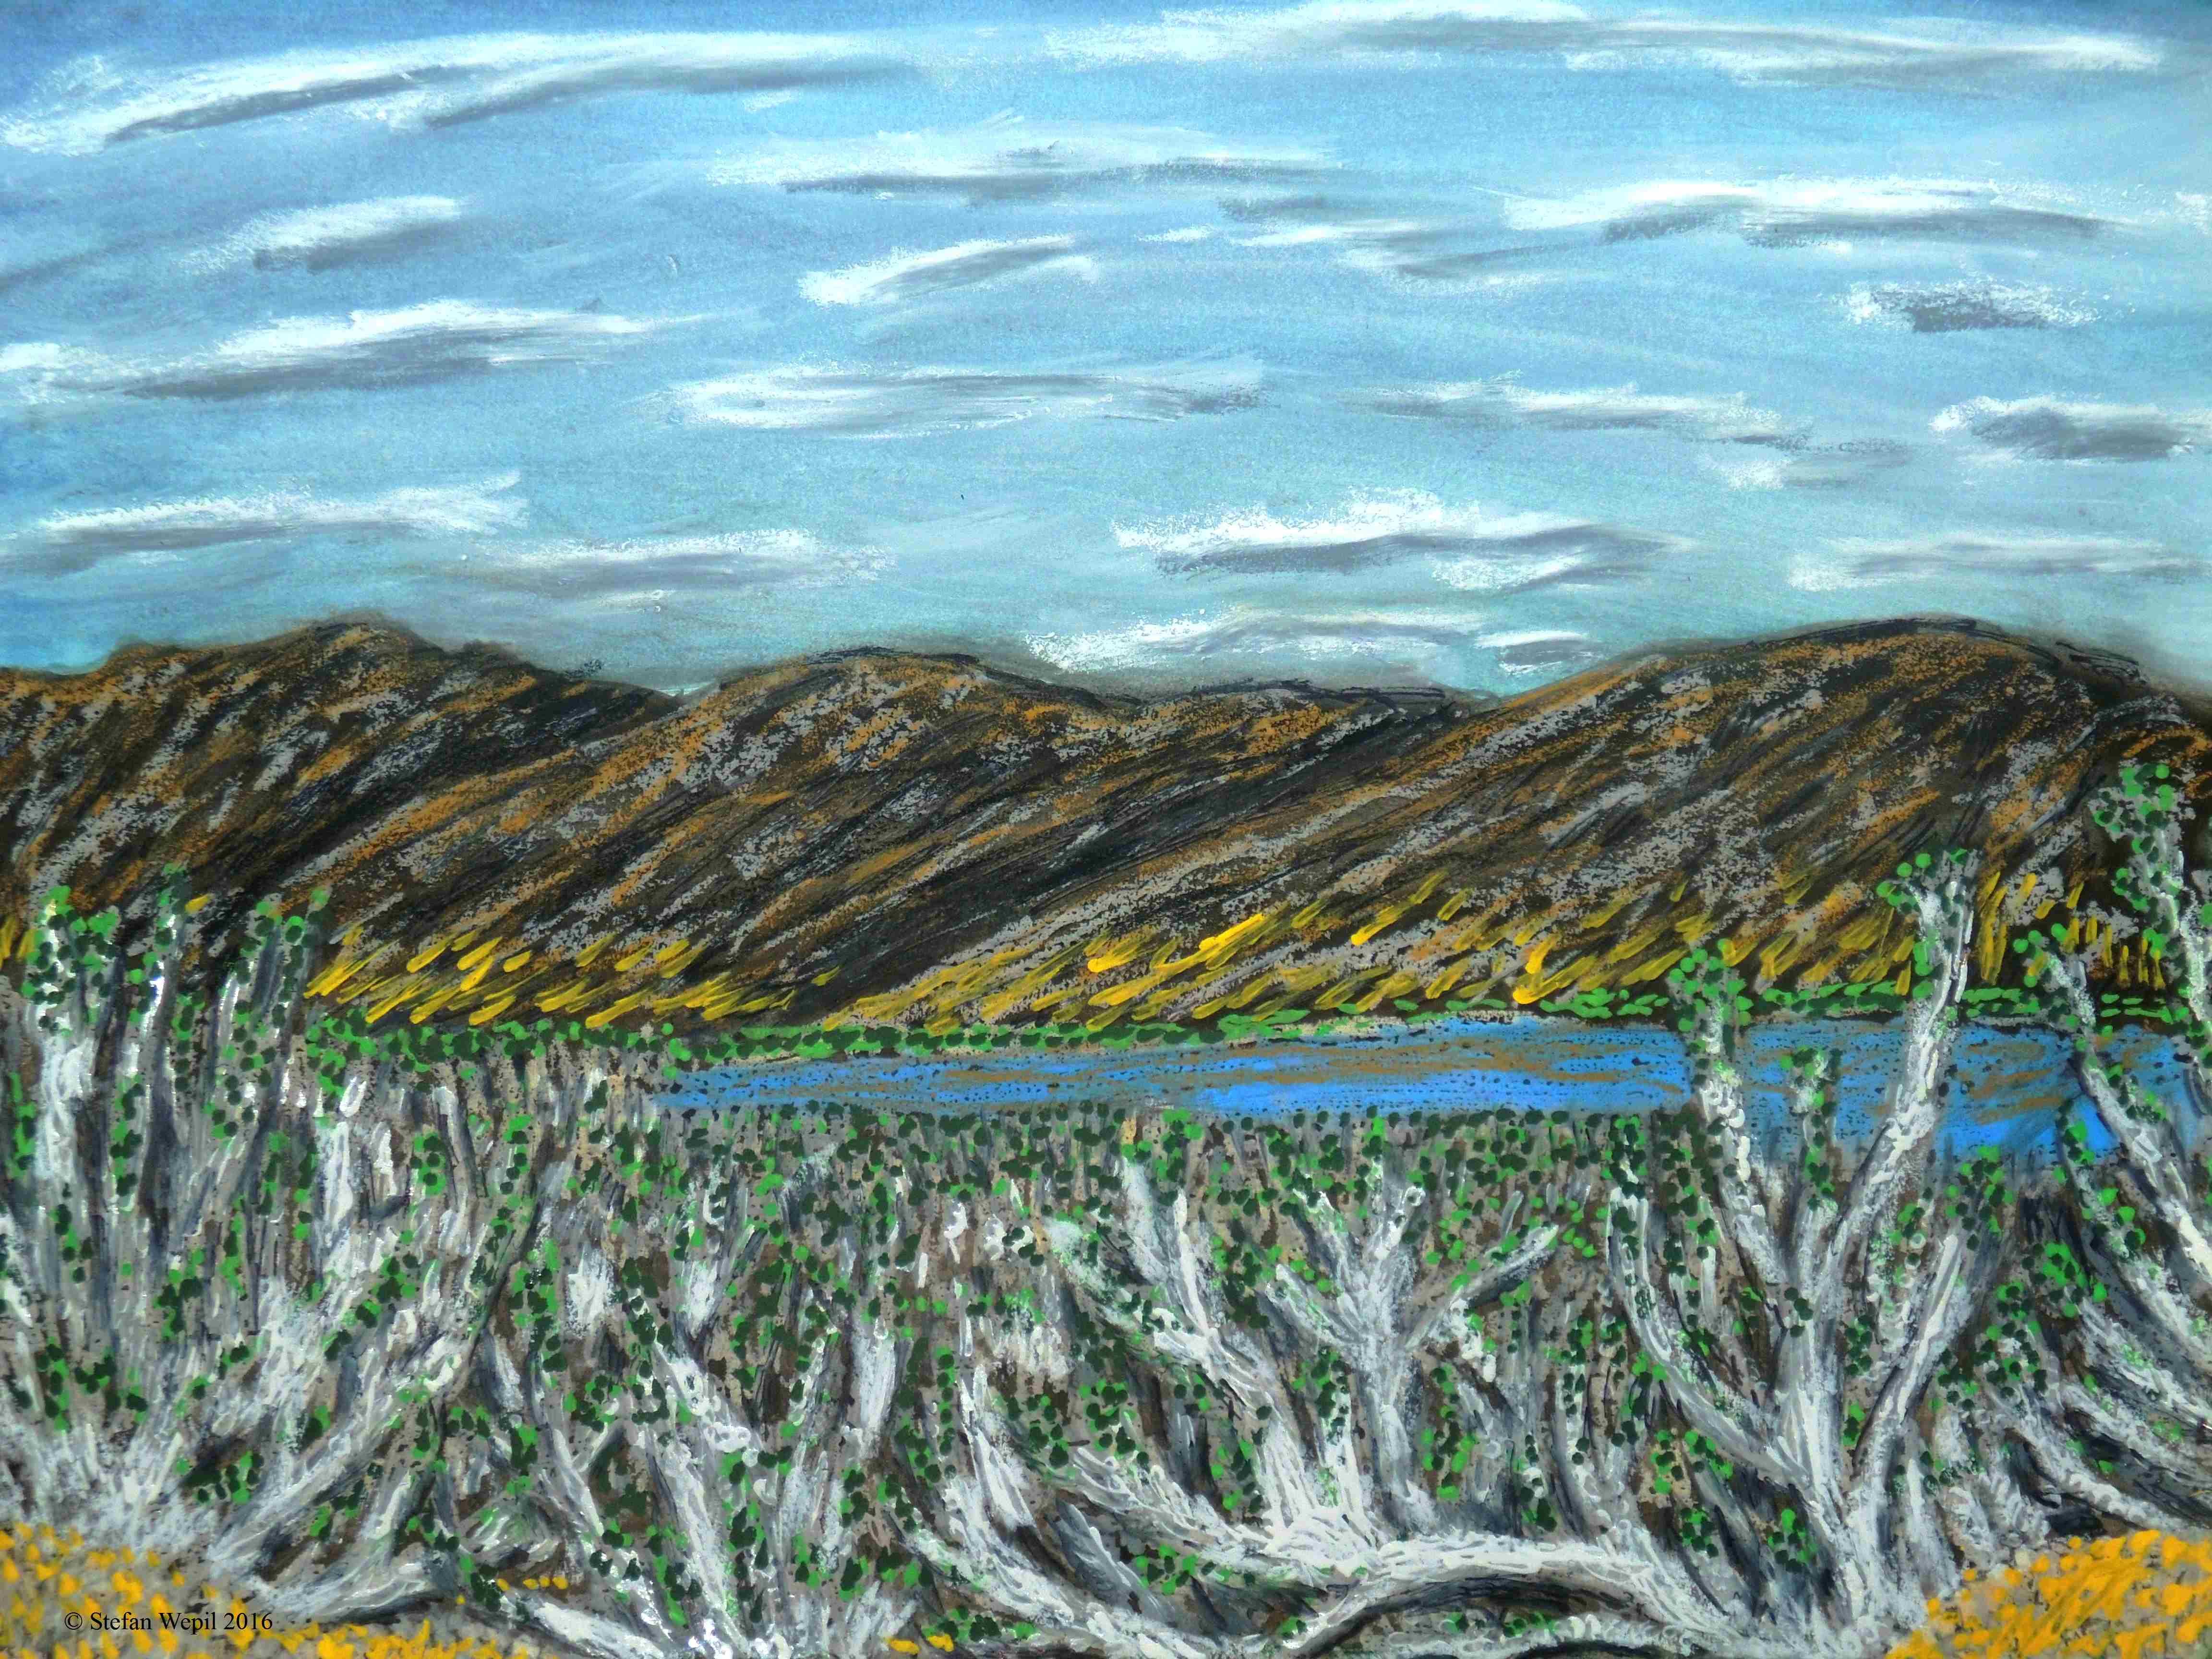 Landschaft von Cherkos (C) Stefan Wepil